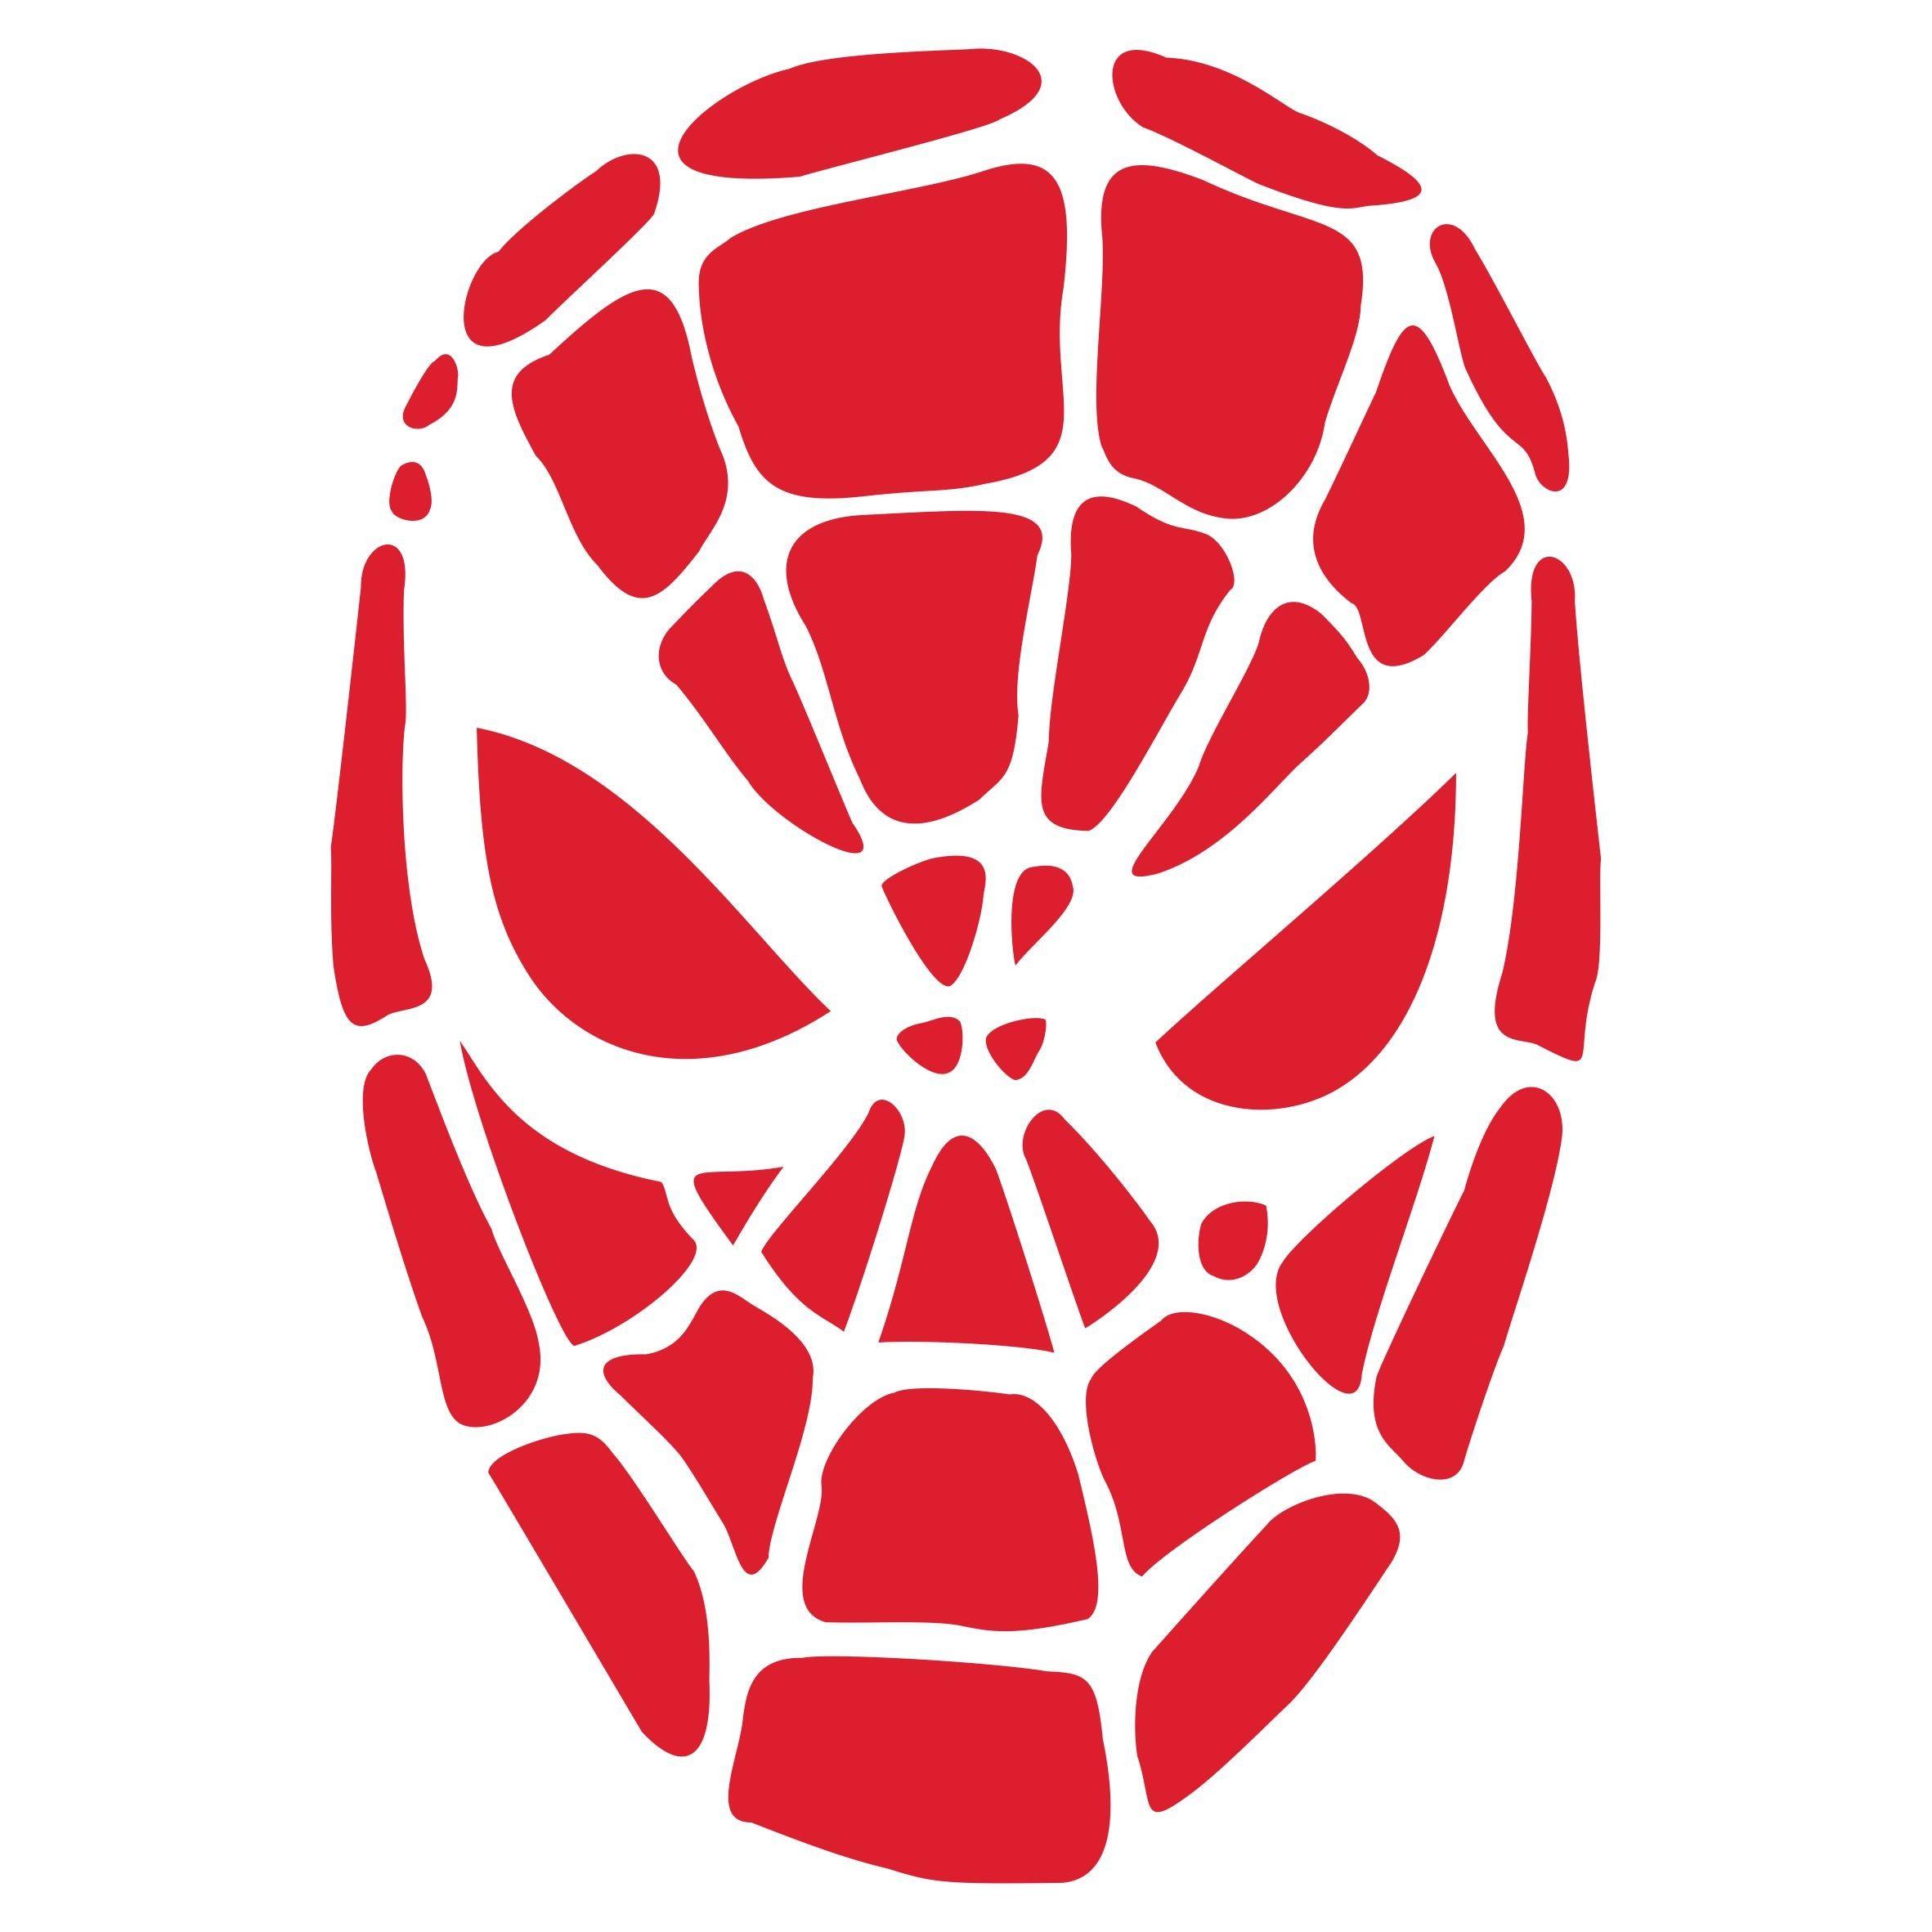 удобный поиск трафарет человек паук фото нас можно